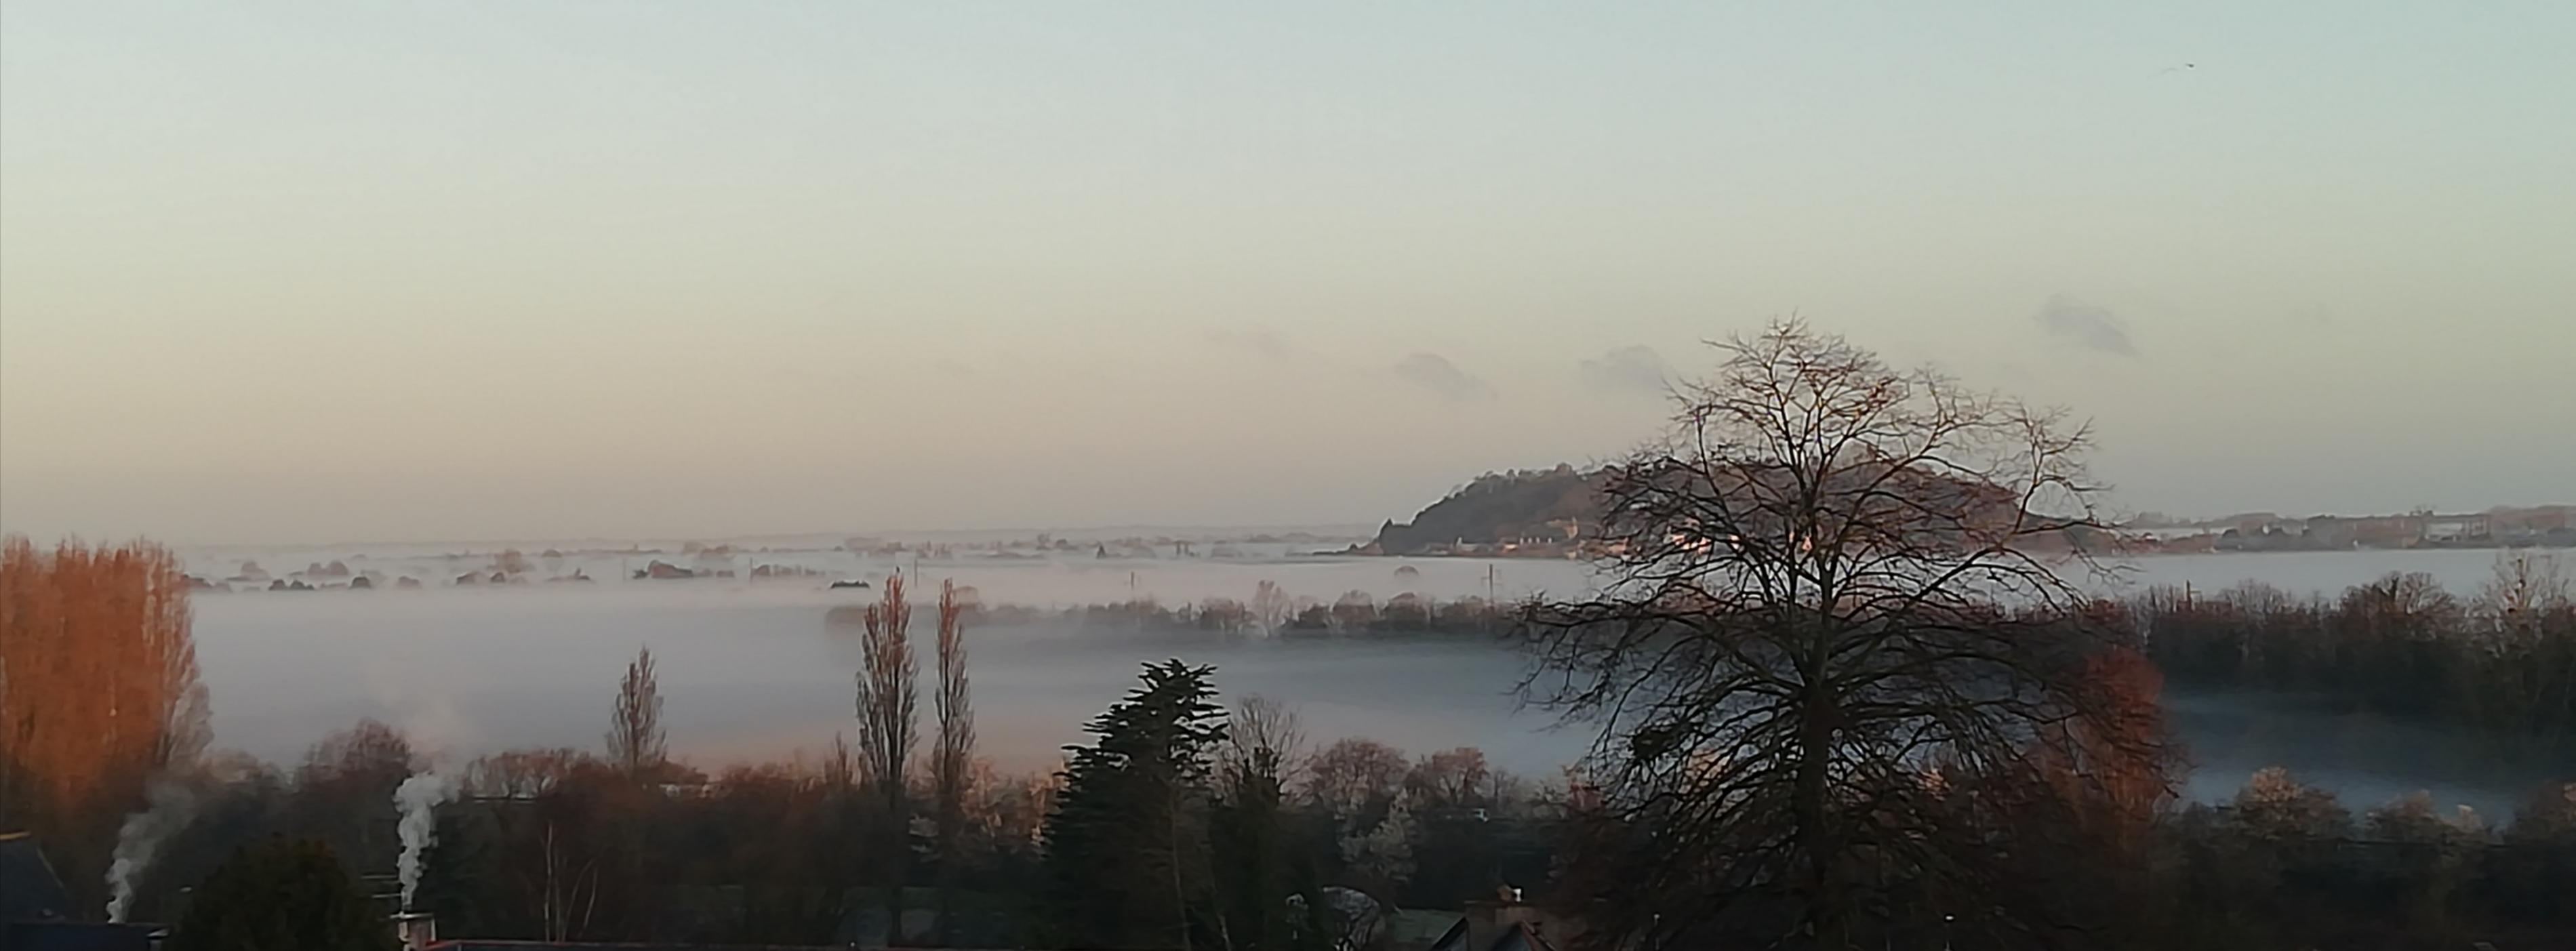 Vue sur le Mont Dol et la campagne de Dol dans la brume